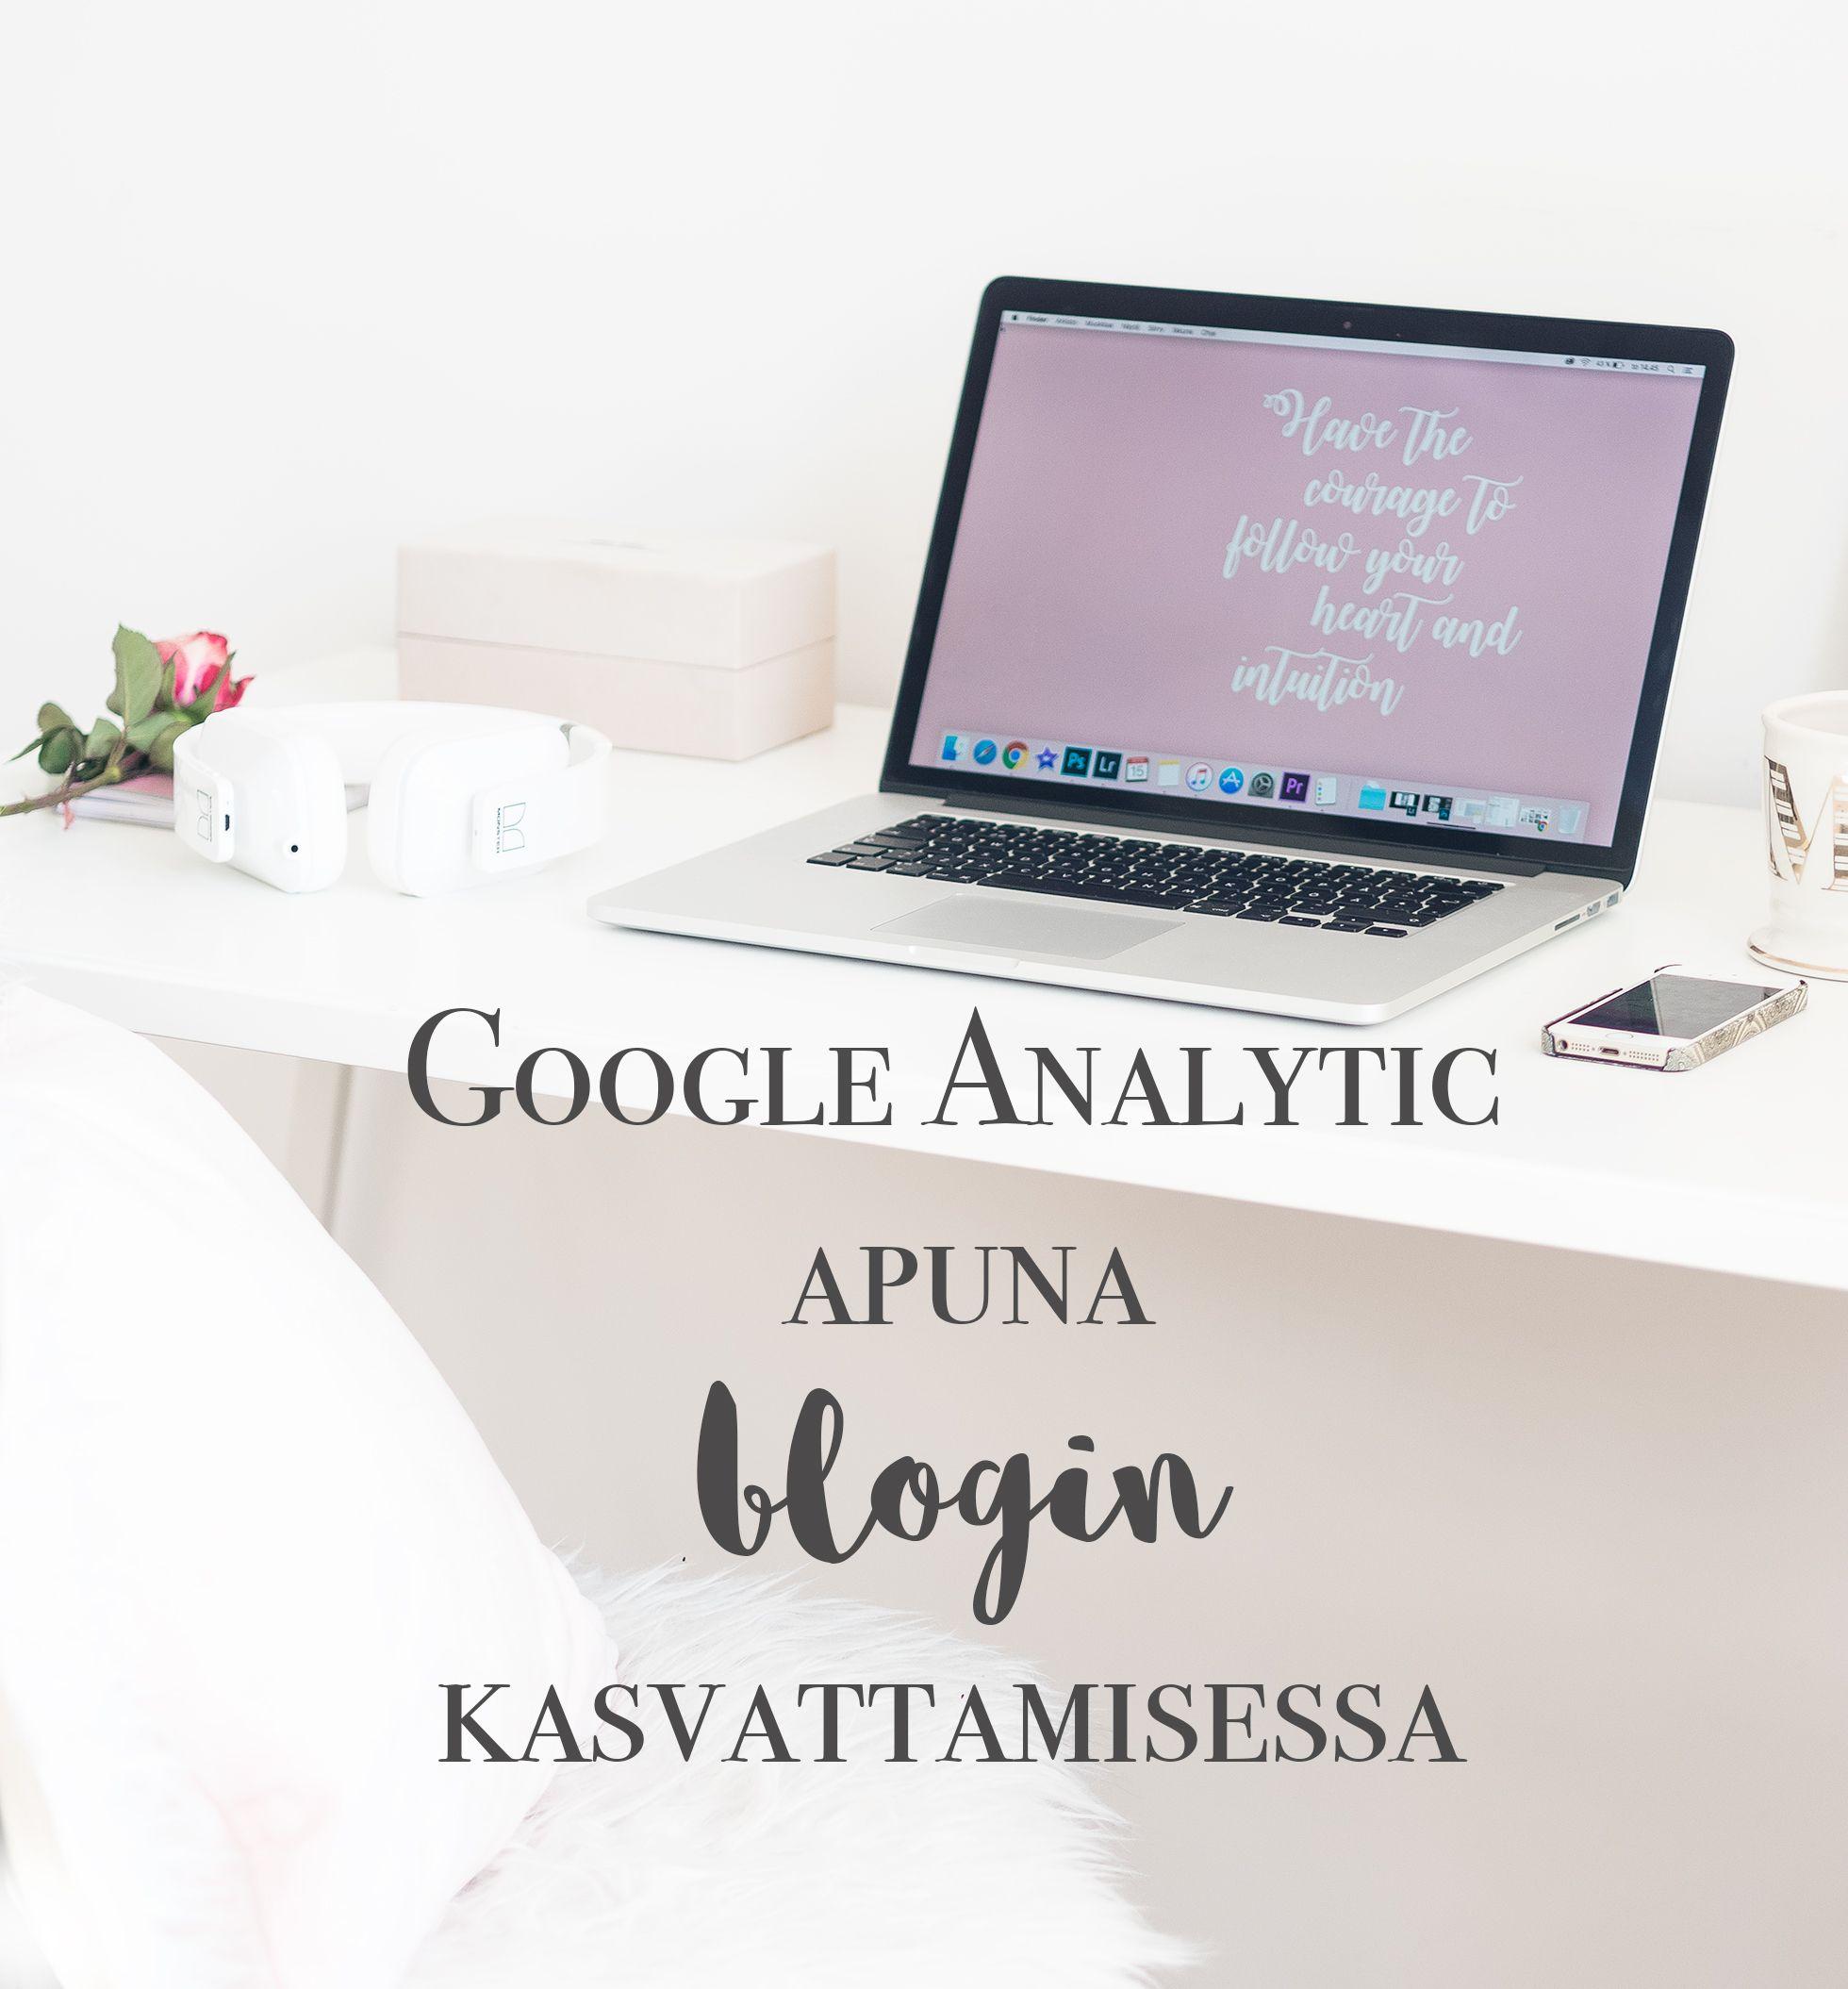 3 GOOGLE ANALYTICS VINKKIÄ BLOGIN KEHITTÄMISEEN http://www.monasdailystyle.com/2016/09/18/3-google-analytics-vinkkia-blogin-kehittamiseen/